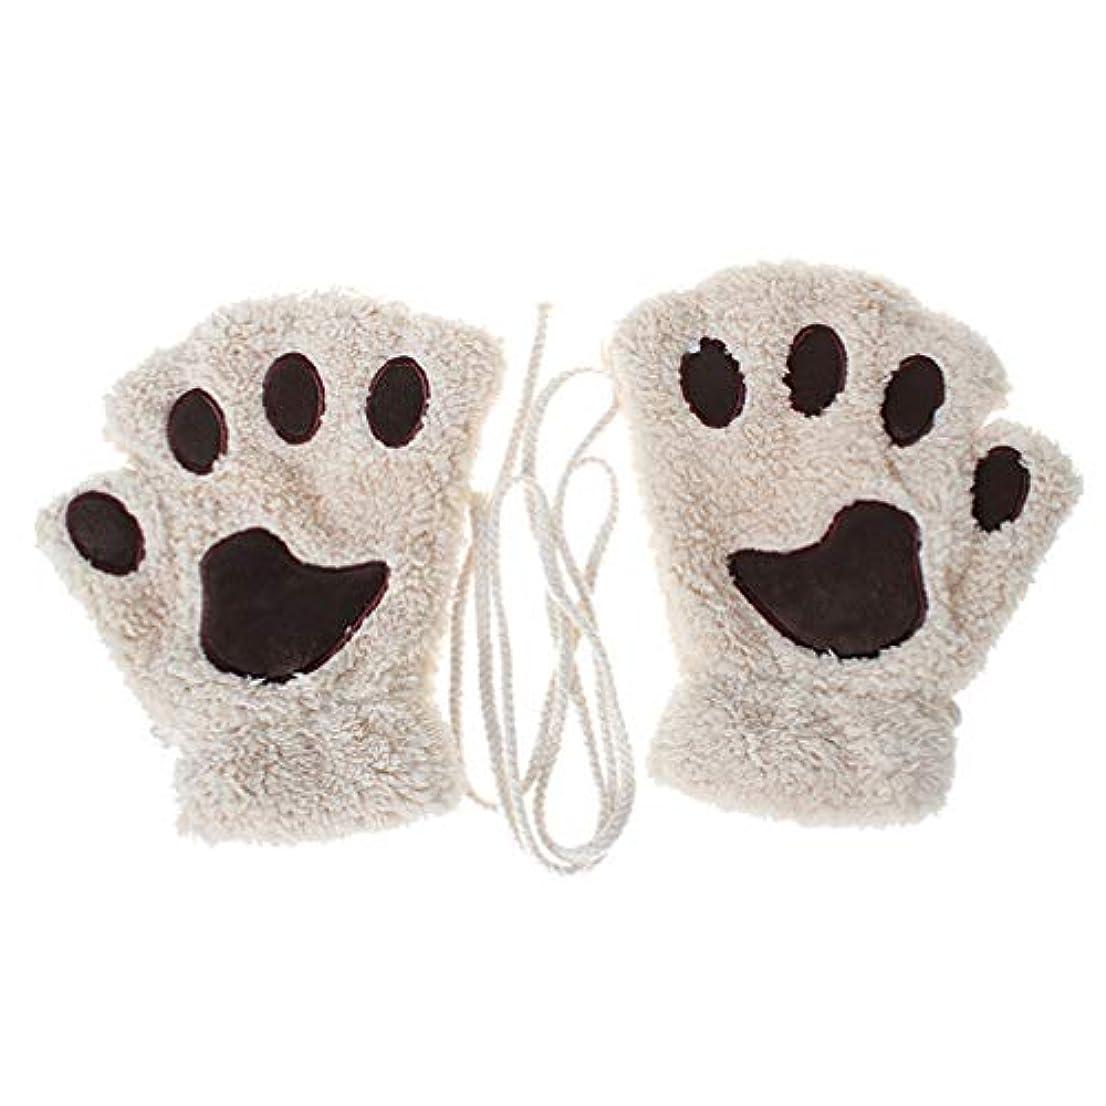 政治家のペッカディロ食堂Toporchid 冬の厚く暖かいハーフフィンガーグローブかわいい女性のぬいぐるみ子猫の爪手袋